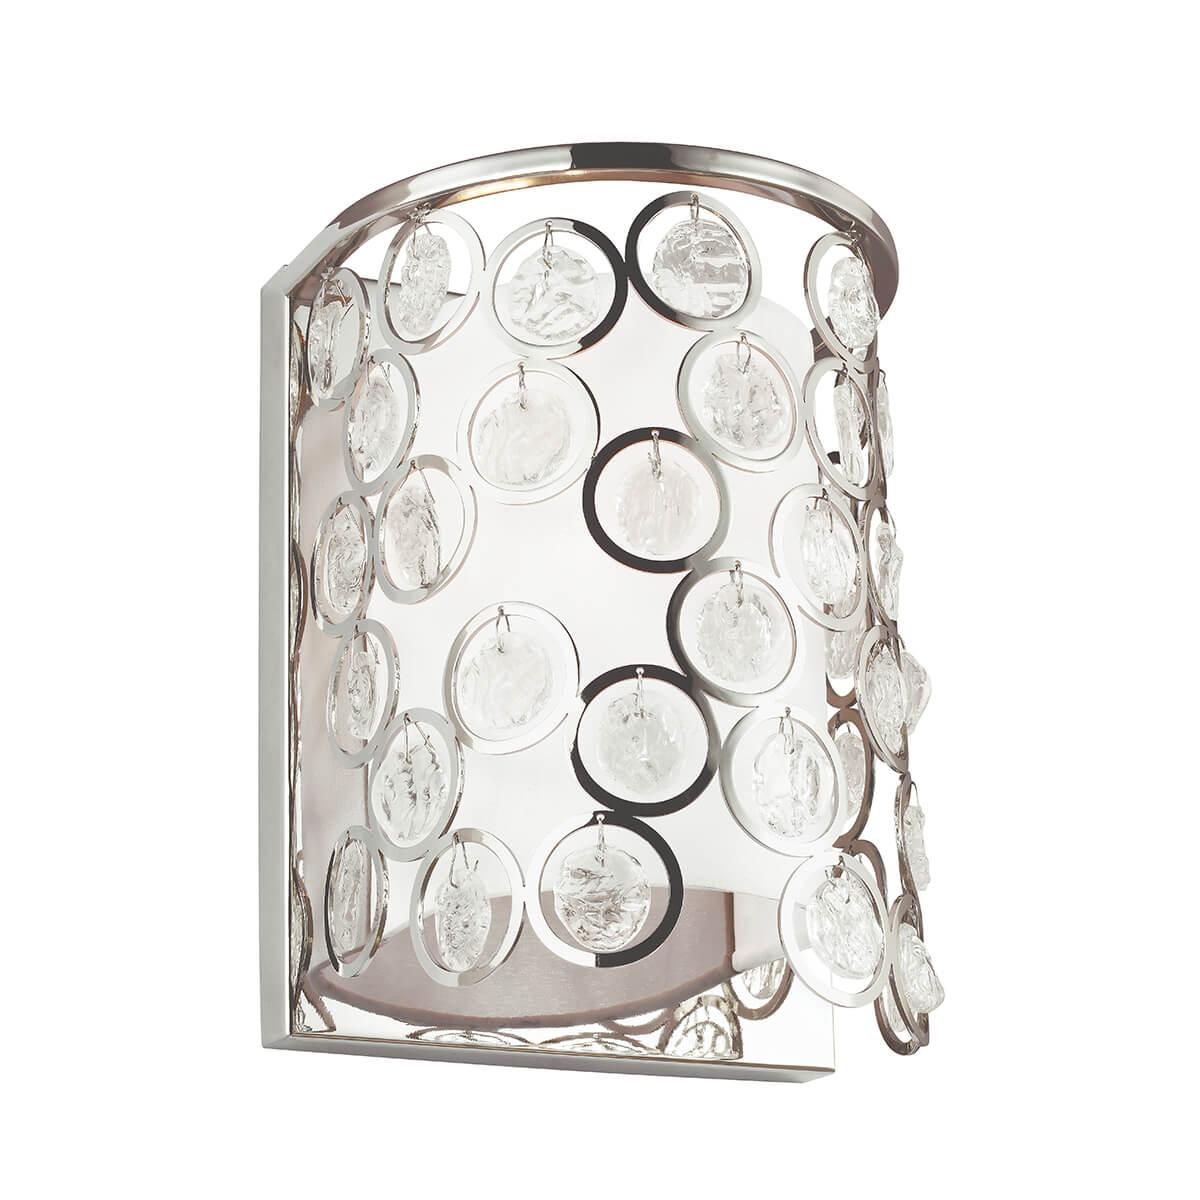 srebrny kinkiet w stylu glamour, malutkie kryształki okrągłe